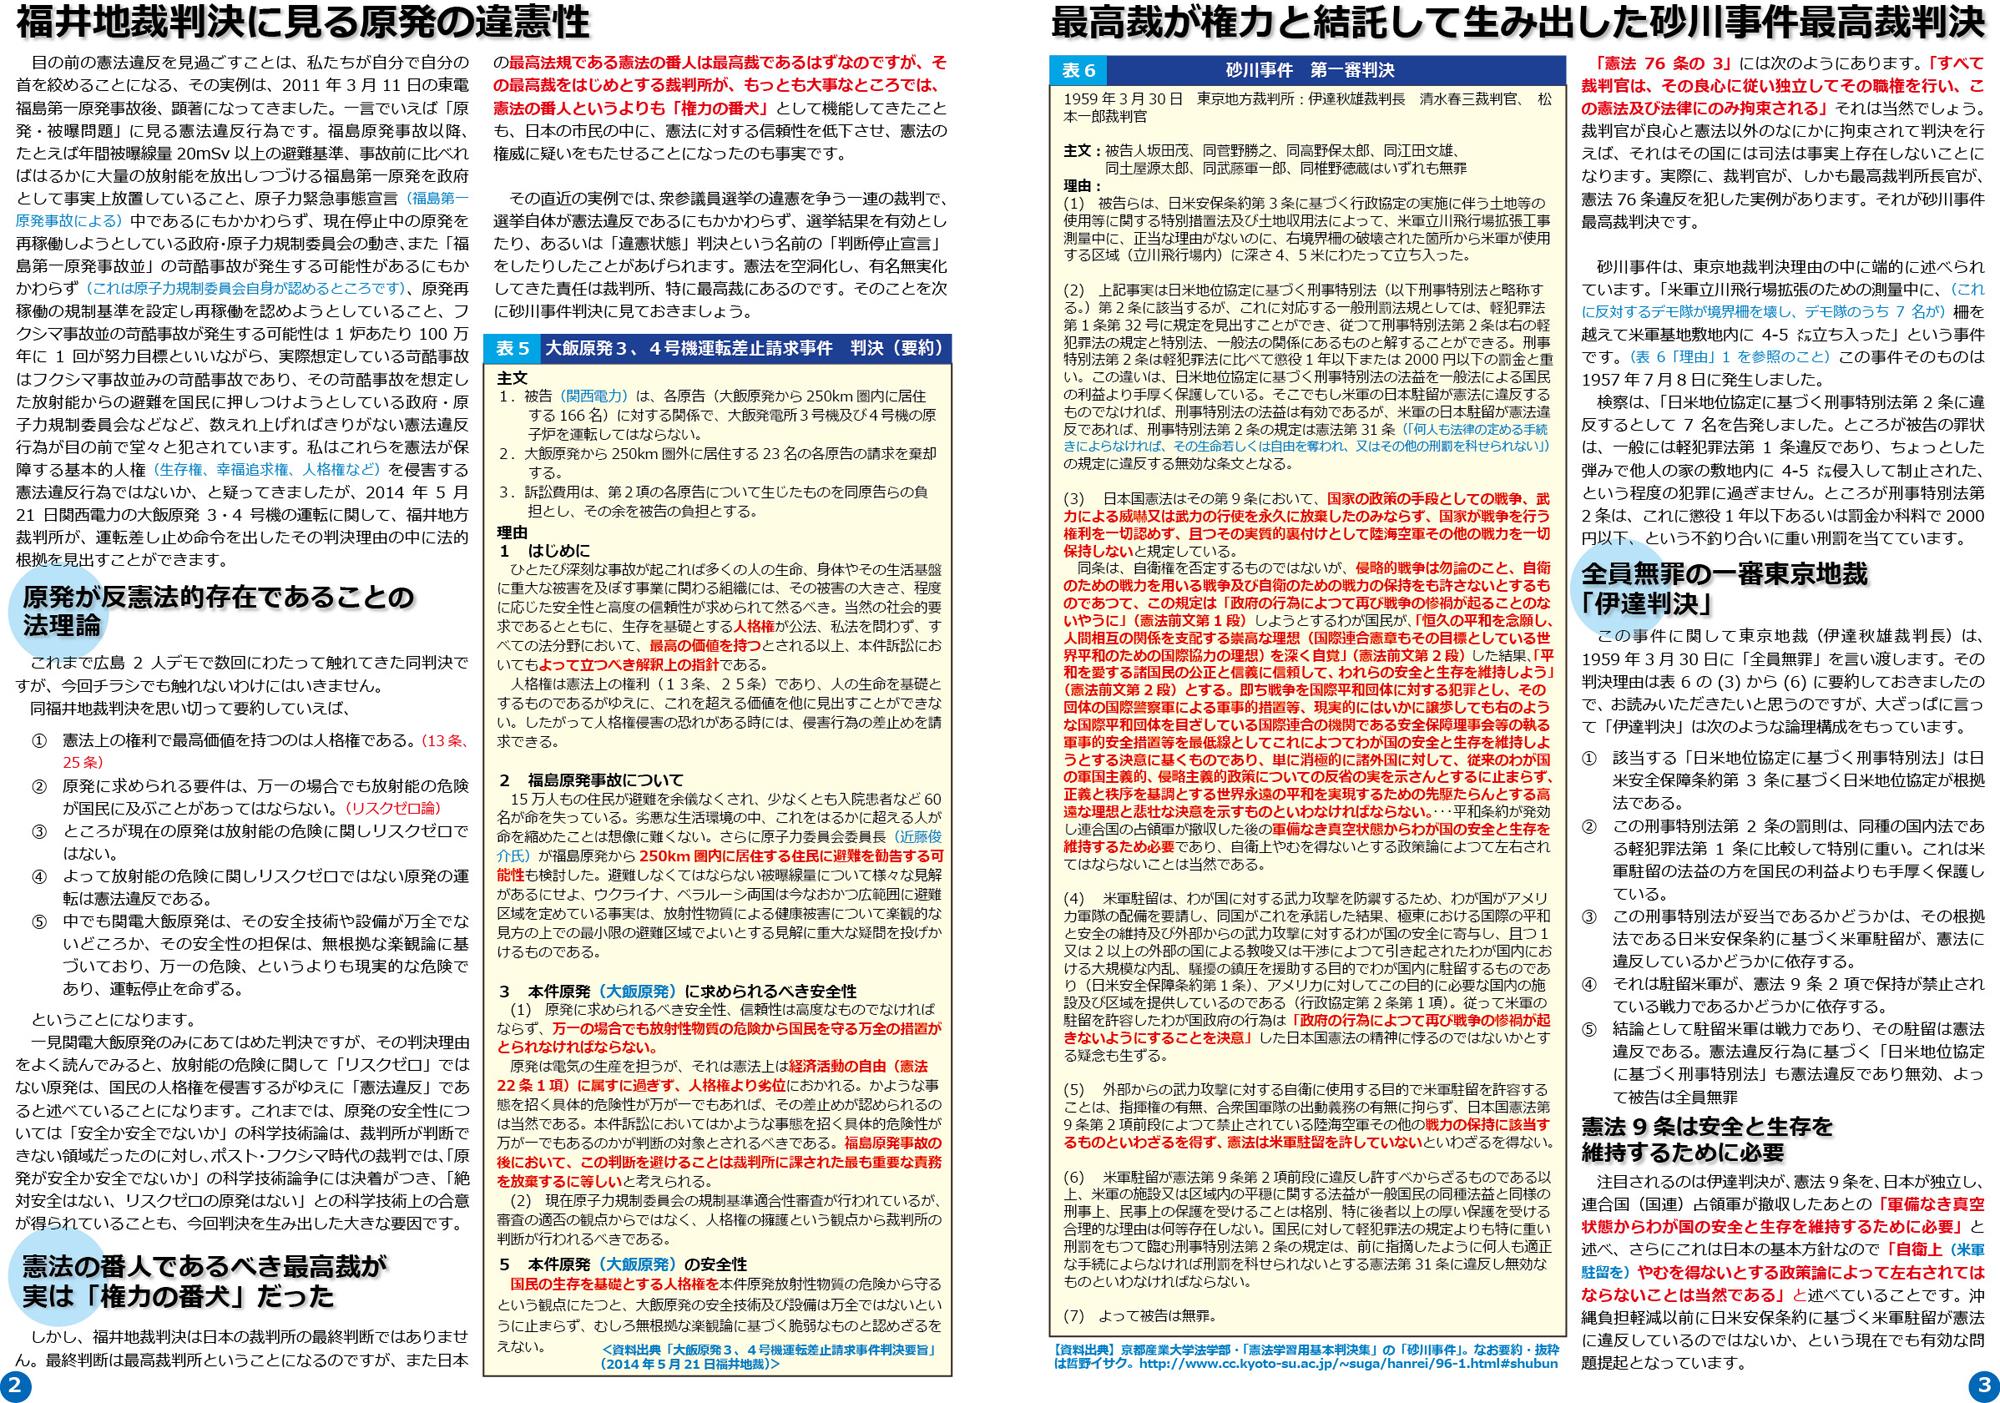 ファイル 314-2.jpg